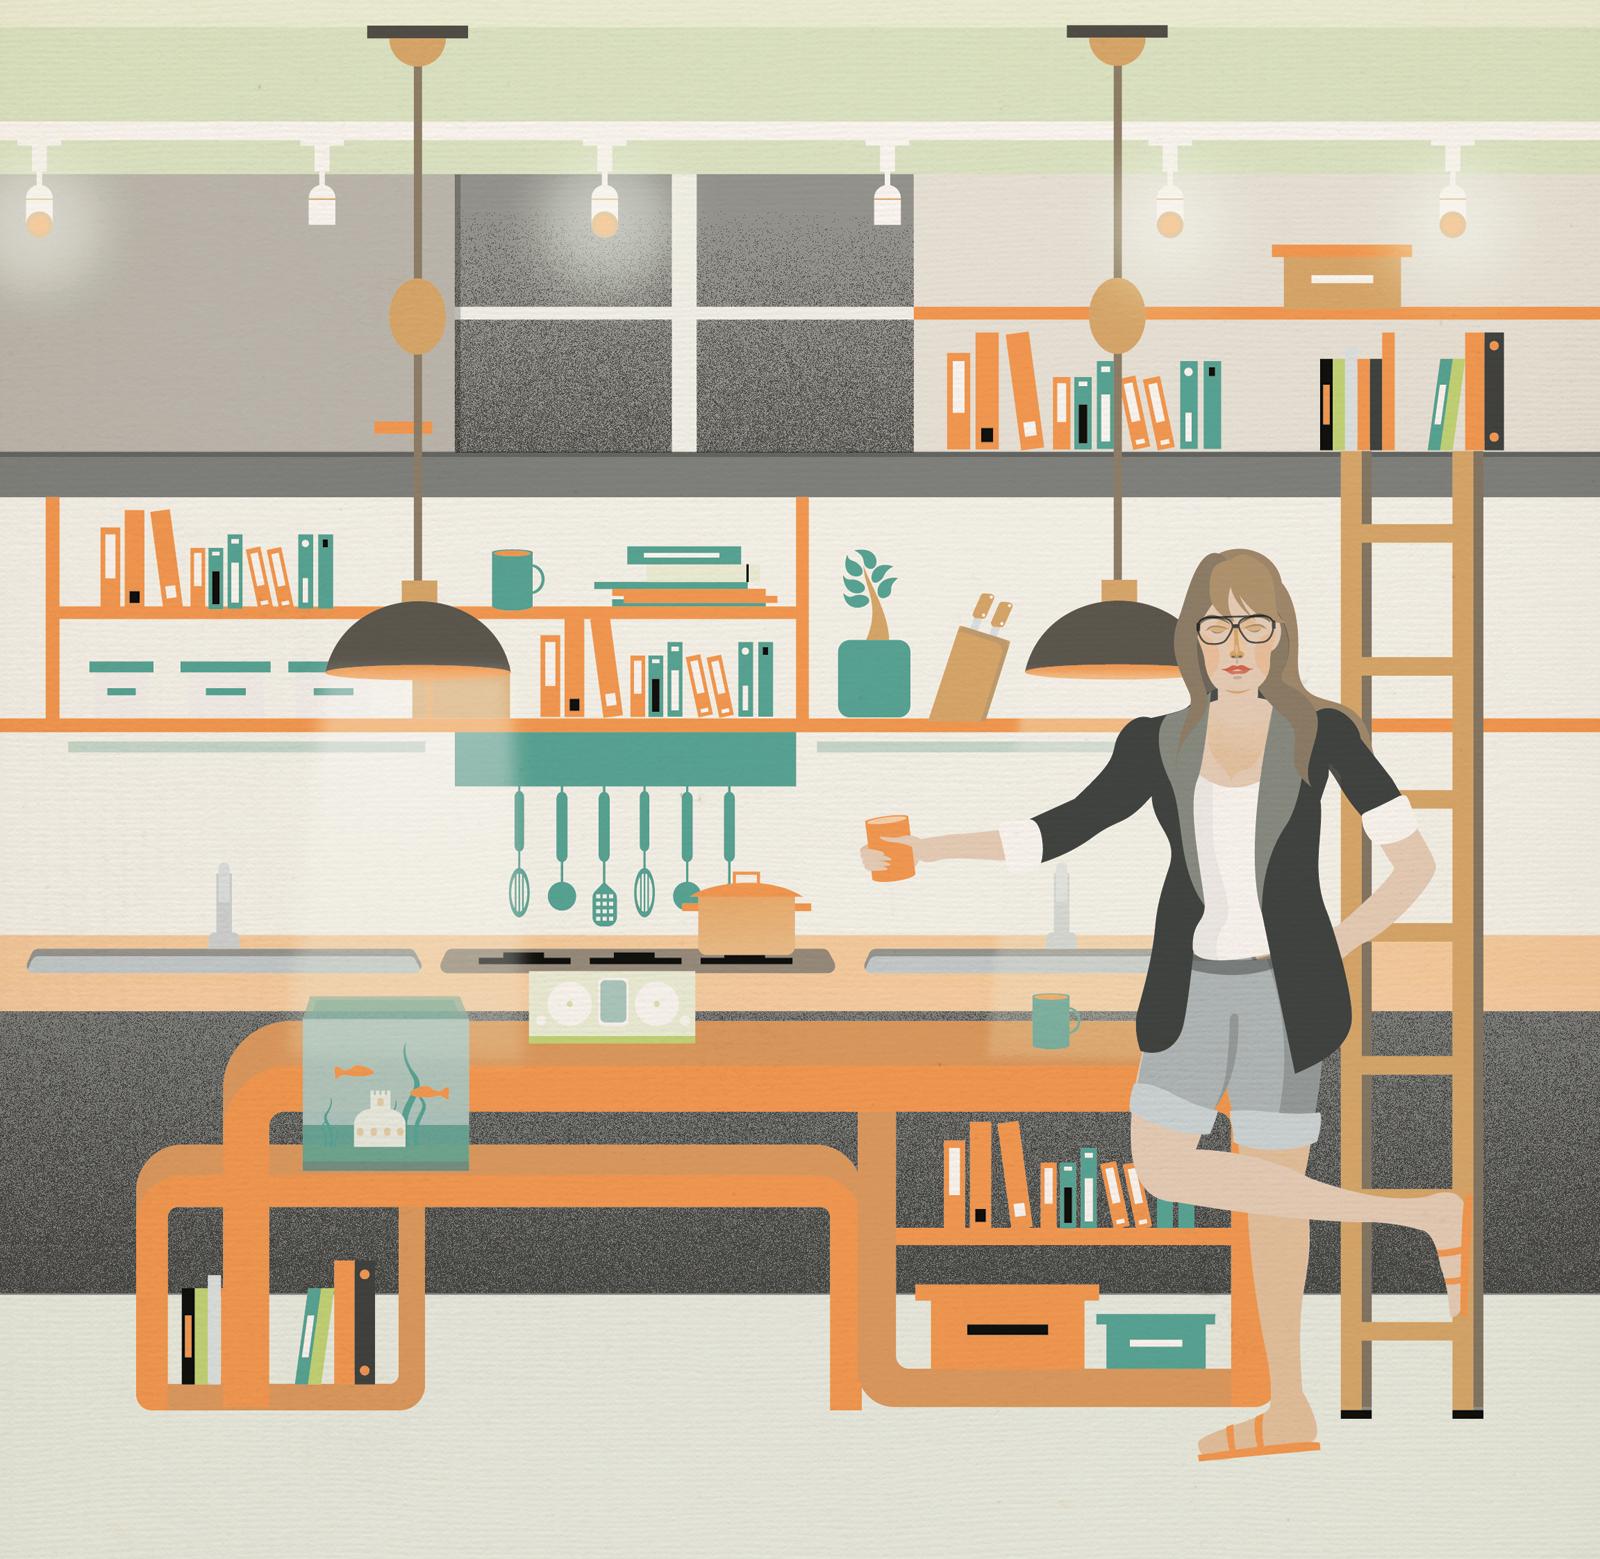 Modern multi-functional kitchen illustration by Arunas Kacinskas